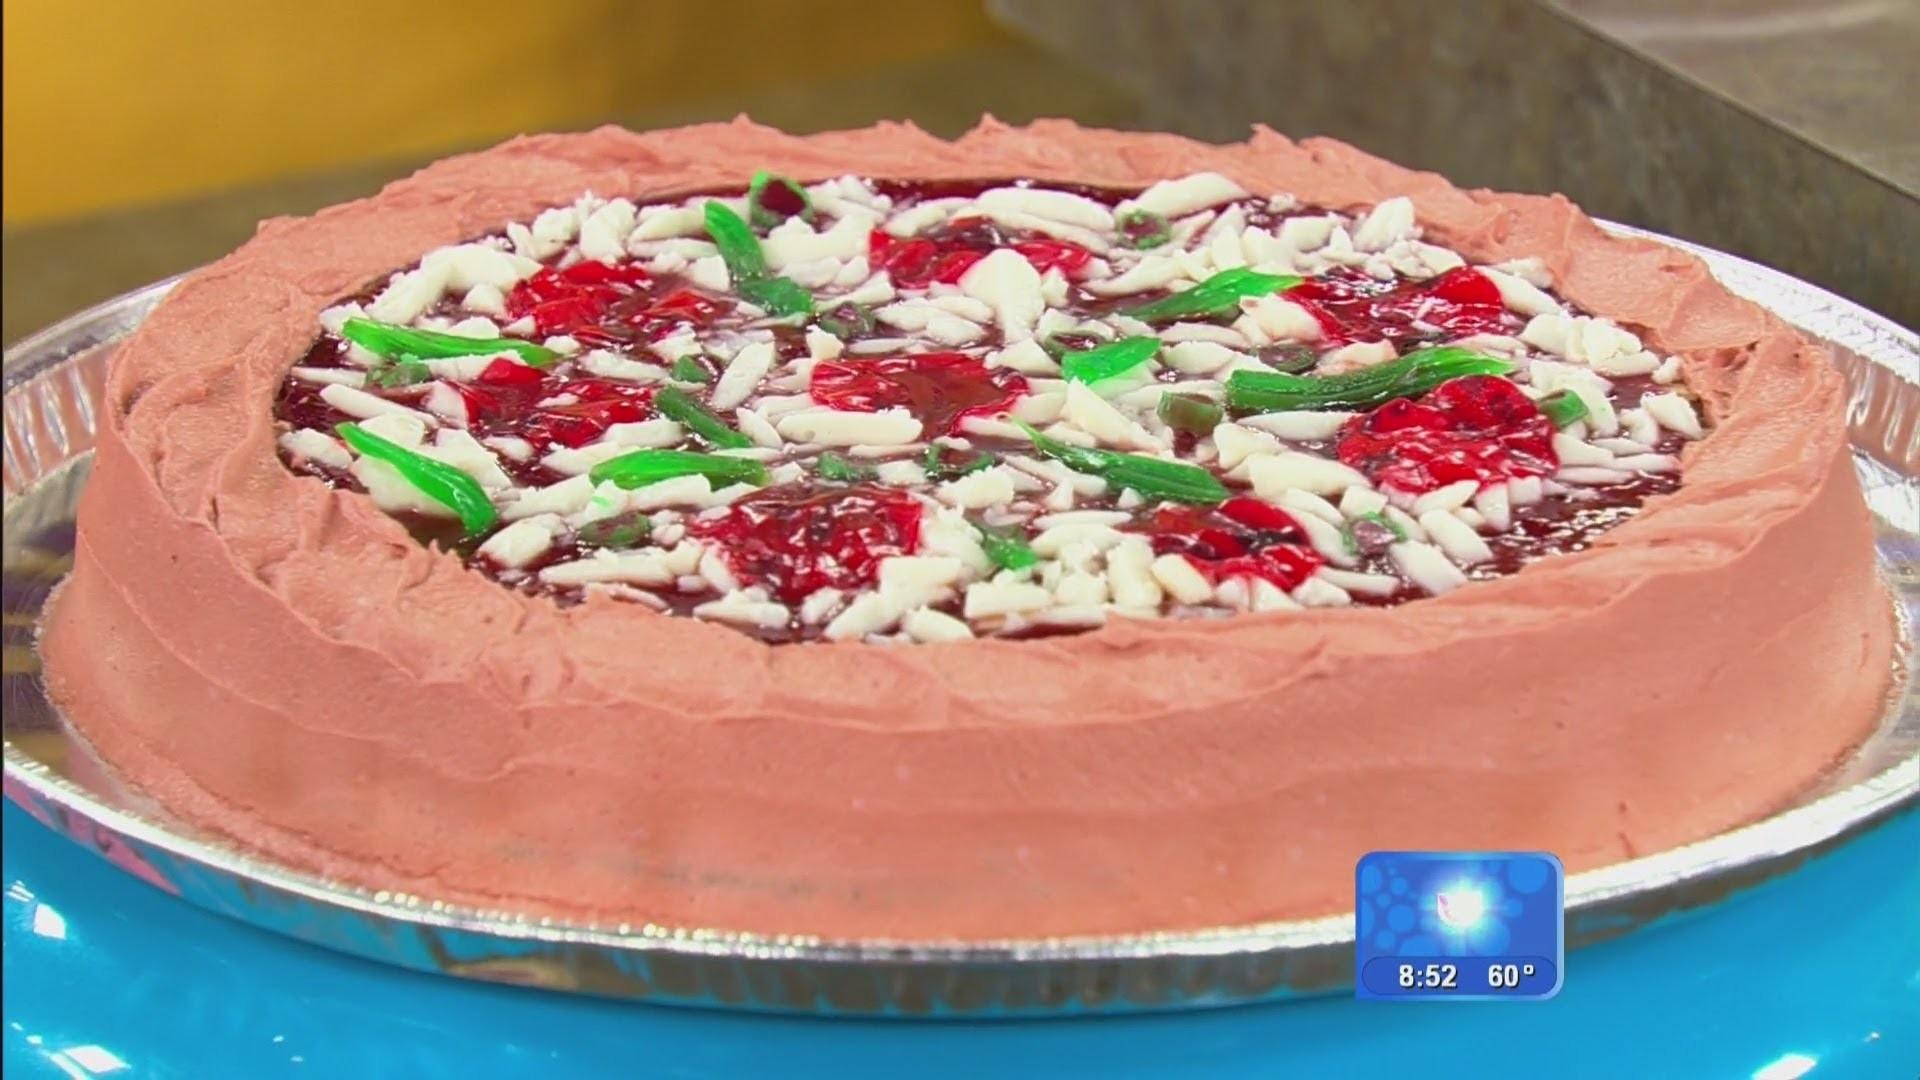 Tus hijos pueden hacer su propio pastel